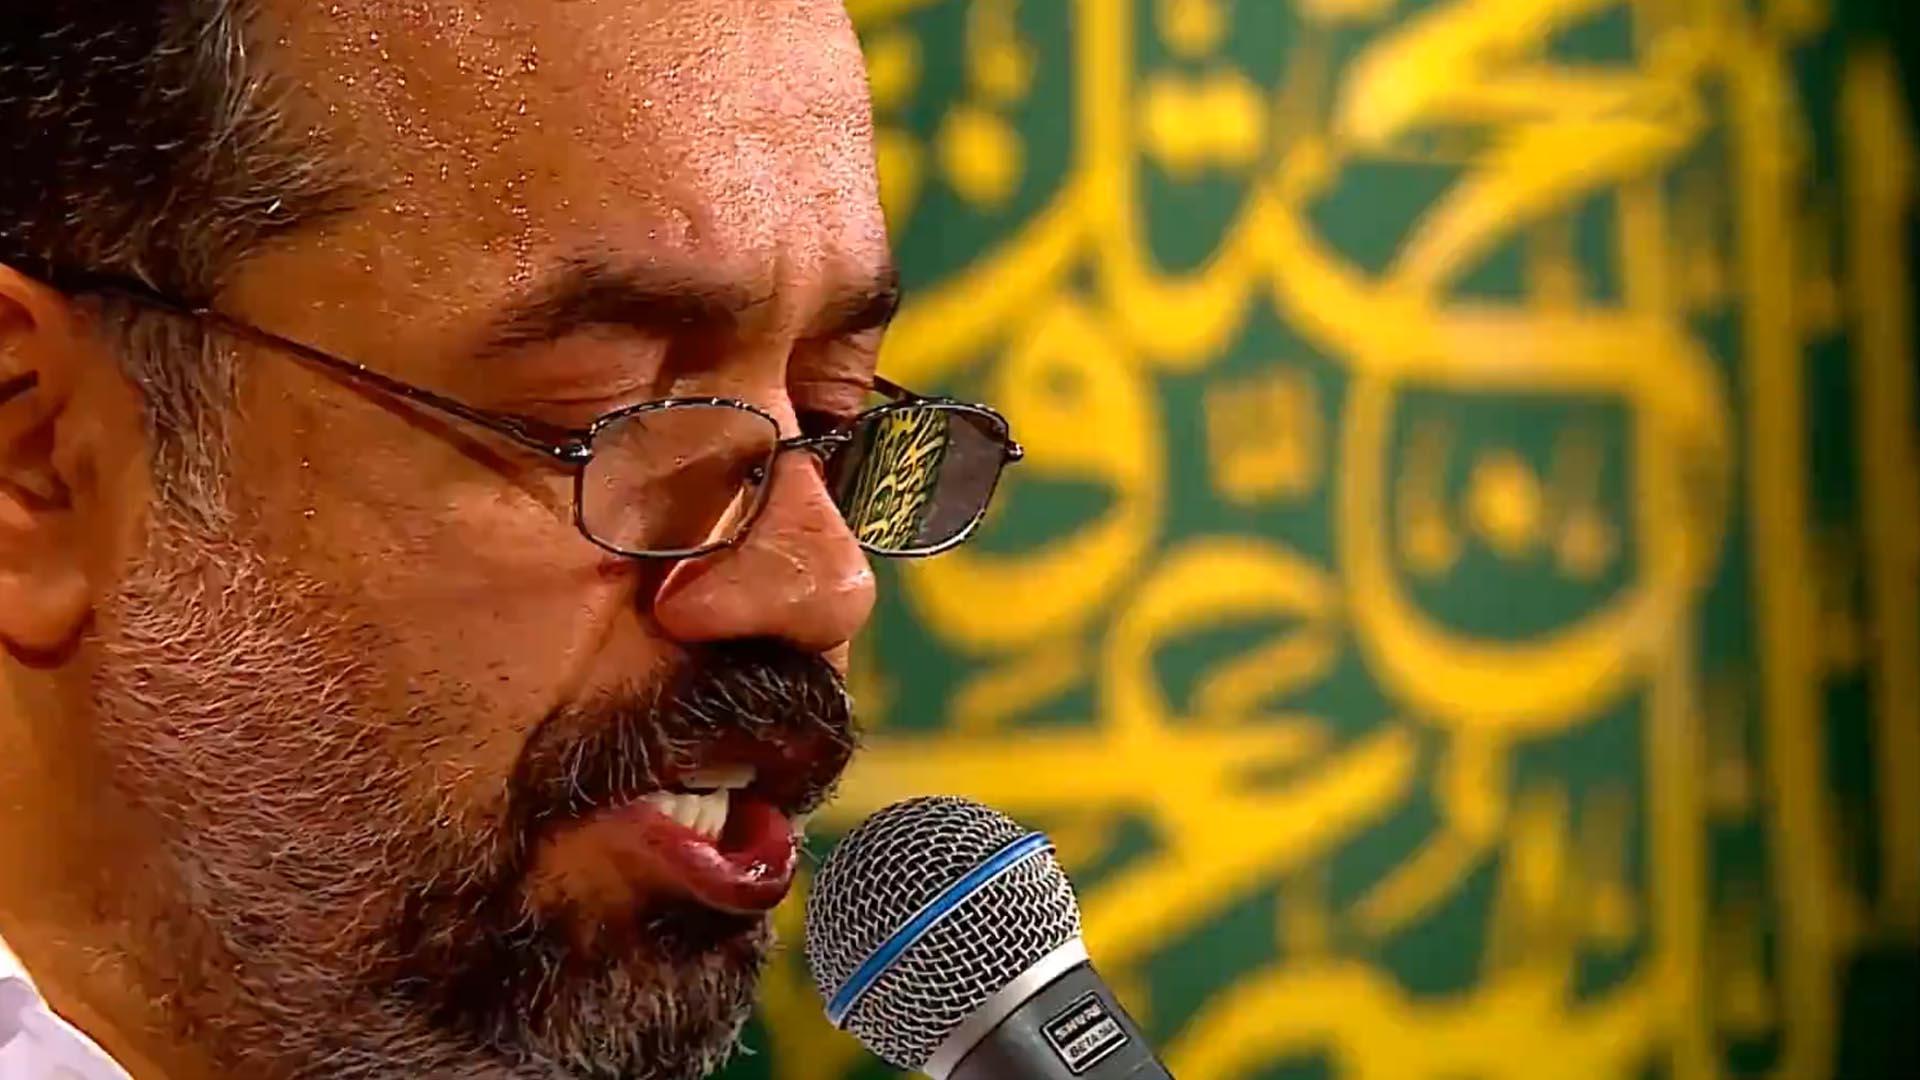 ولادت امام زمان (عج)/ محمود کریمی: تو می آیی و توی عالم صحراها گلشن میشه